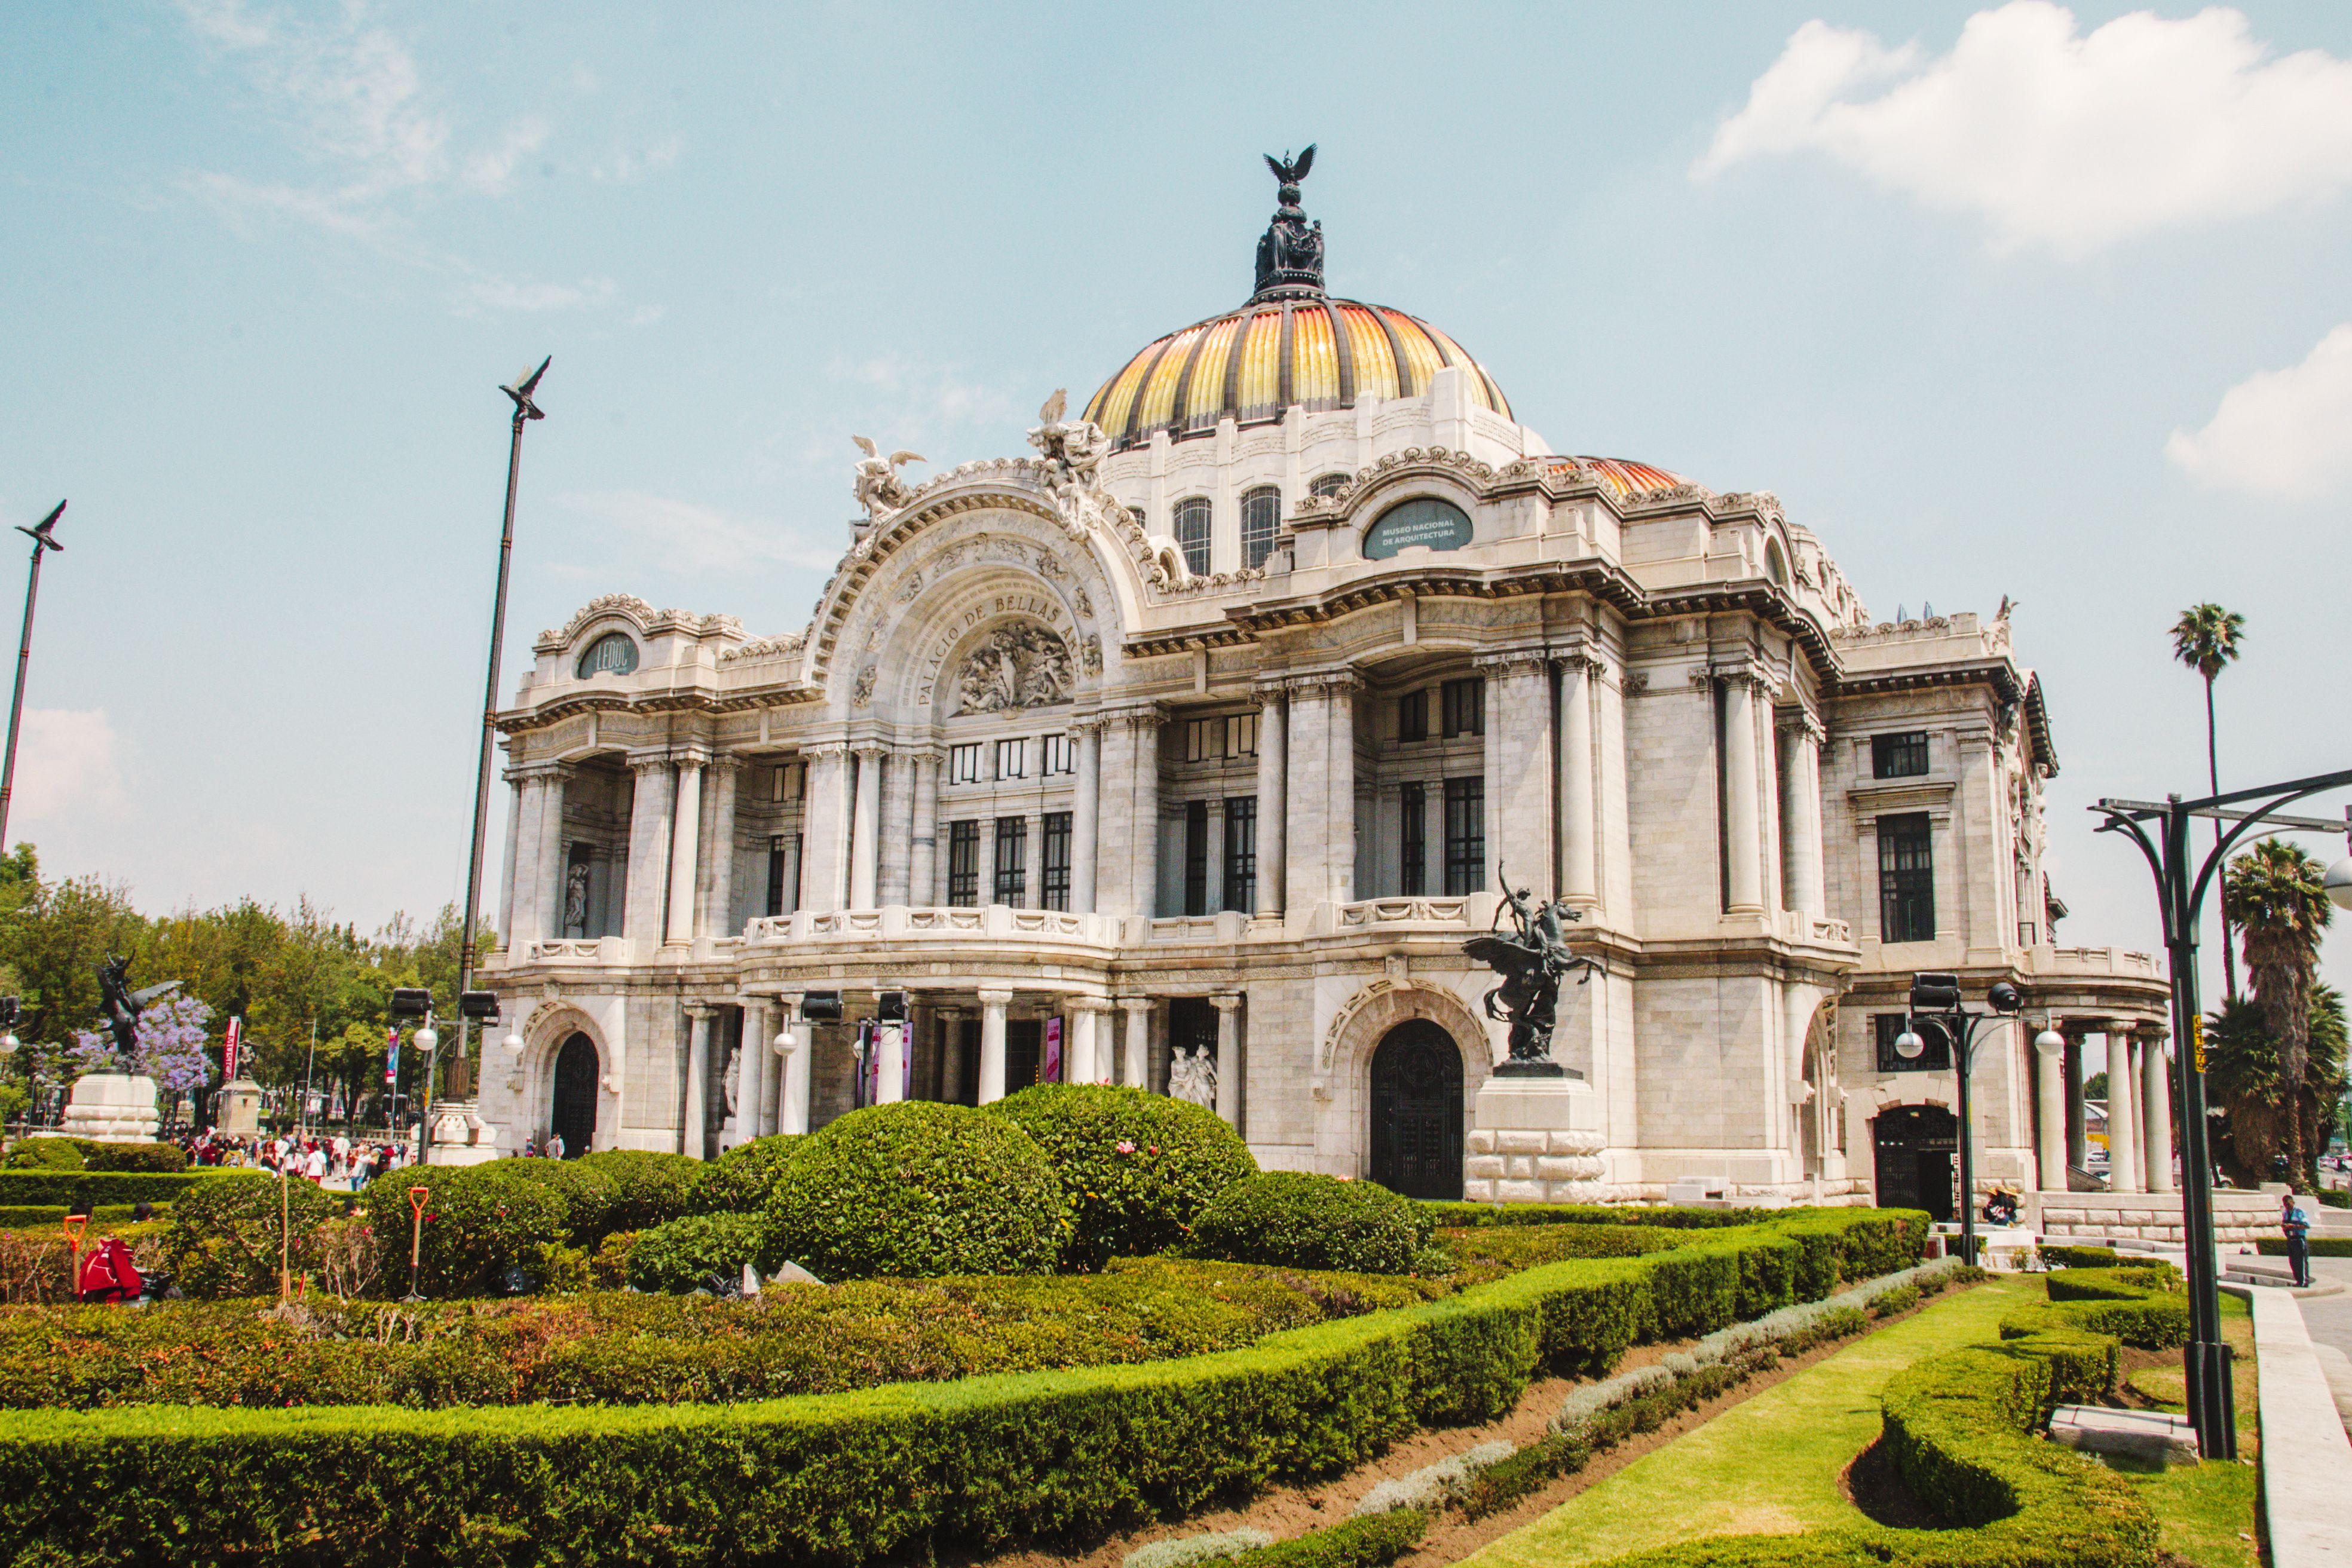 Exterior of the Palacio de Bellas Artes